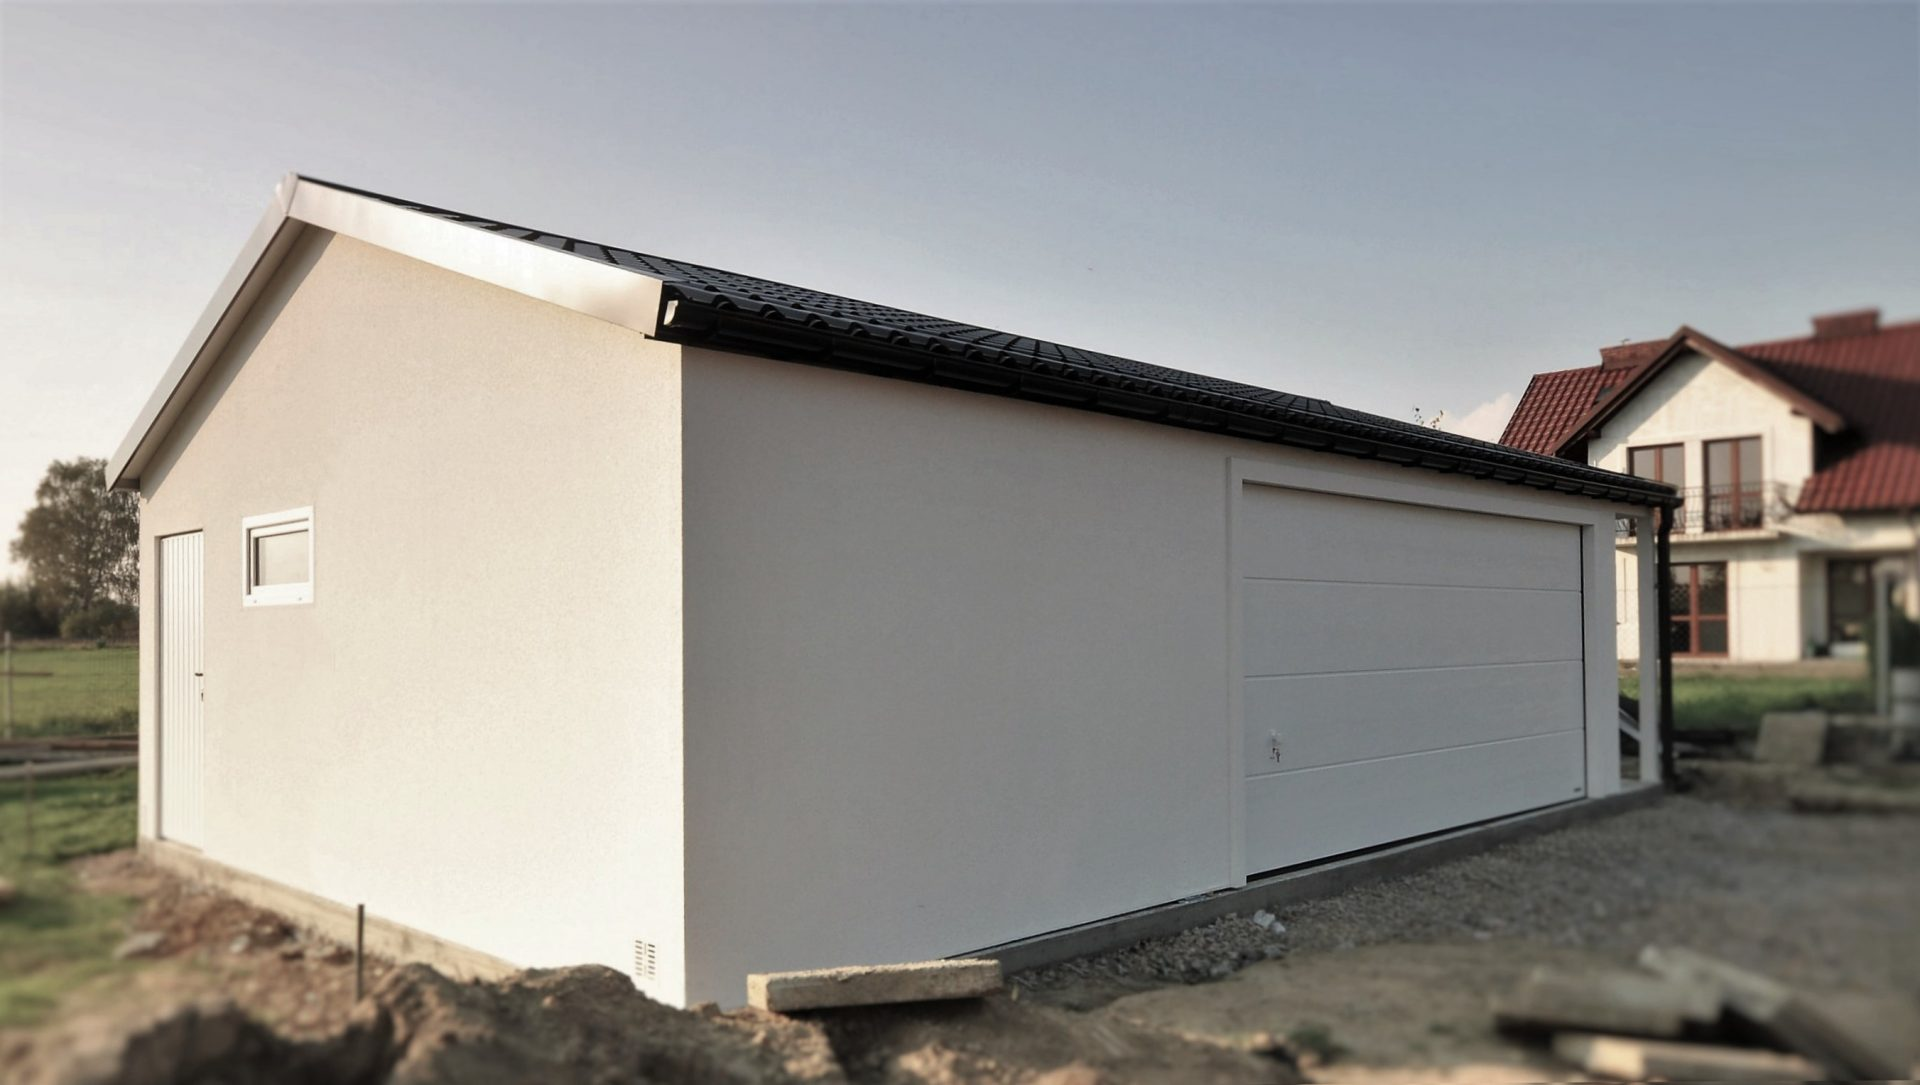 Garaż tynkowany Duo-Classic - 9,0 x 5,7 m